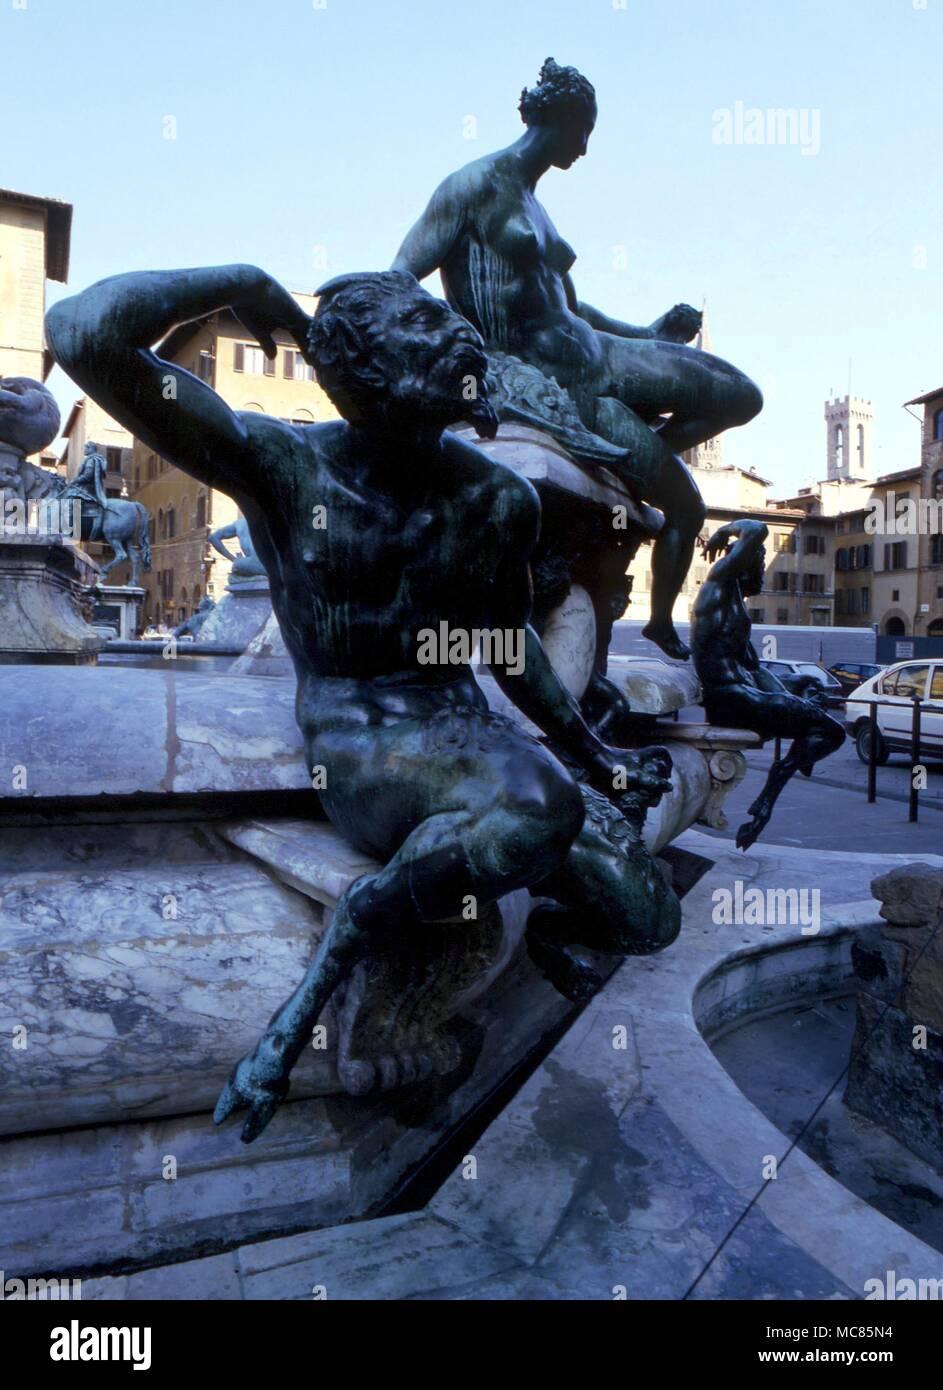 La Mythologie Grecque Statue Du Grand Dieu Pan Dans La